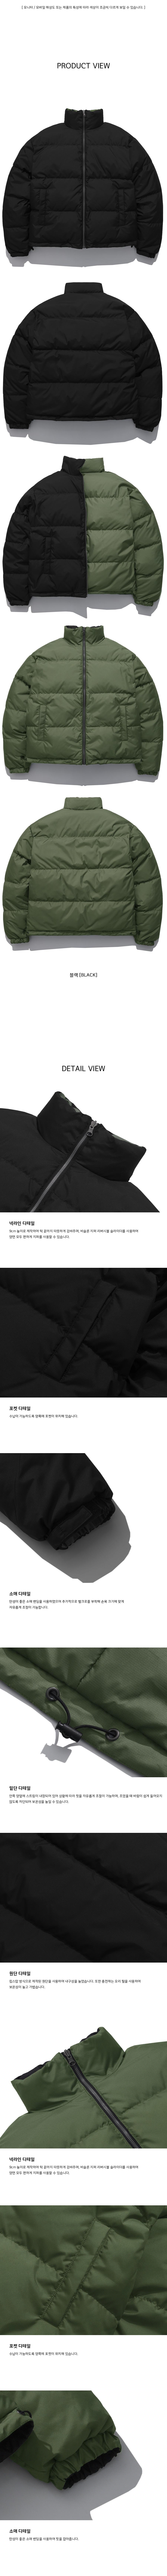 4364_detail_black_bj.jpg